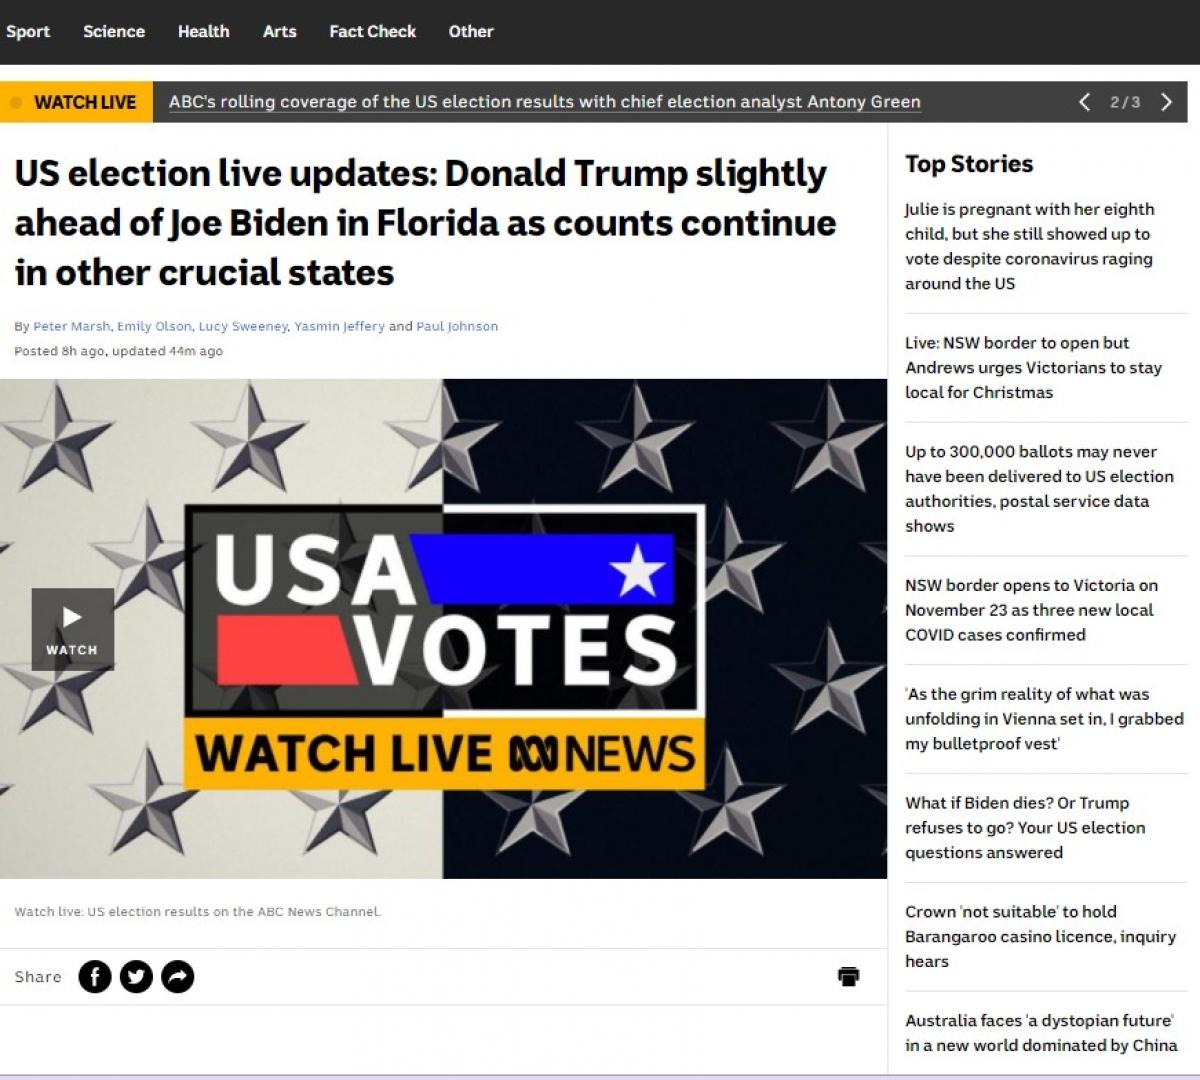 Tổ hợp truyền thông ABC của Australia đưa tin trực tiếp về cuộc bầu cử tại Mỹ trên các nền tảng đa phương tiện. Ảnh: VOV